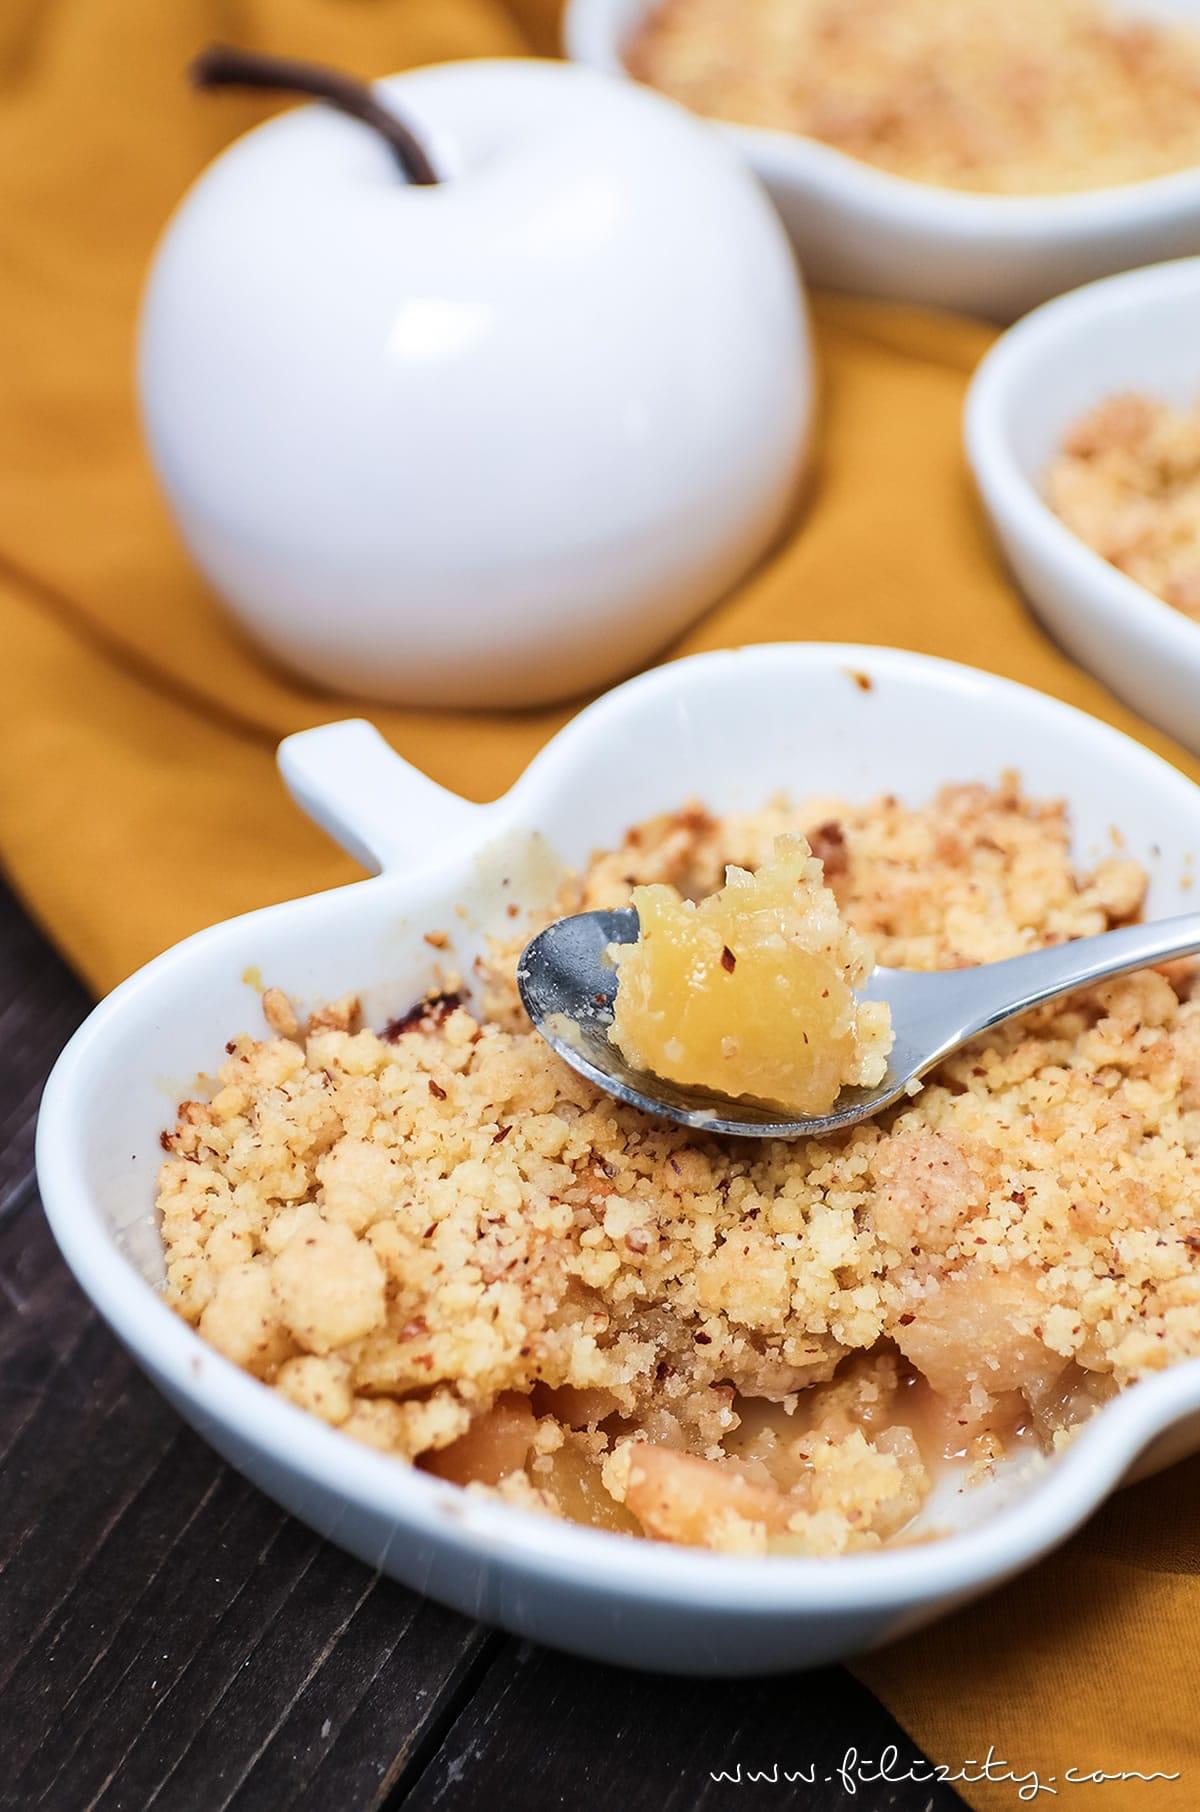 Rezept: Apfel-Quitten-Crumble - Das perfekte Herbst-Dessert | Filizity.com | Food-Blog aus Koblenz